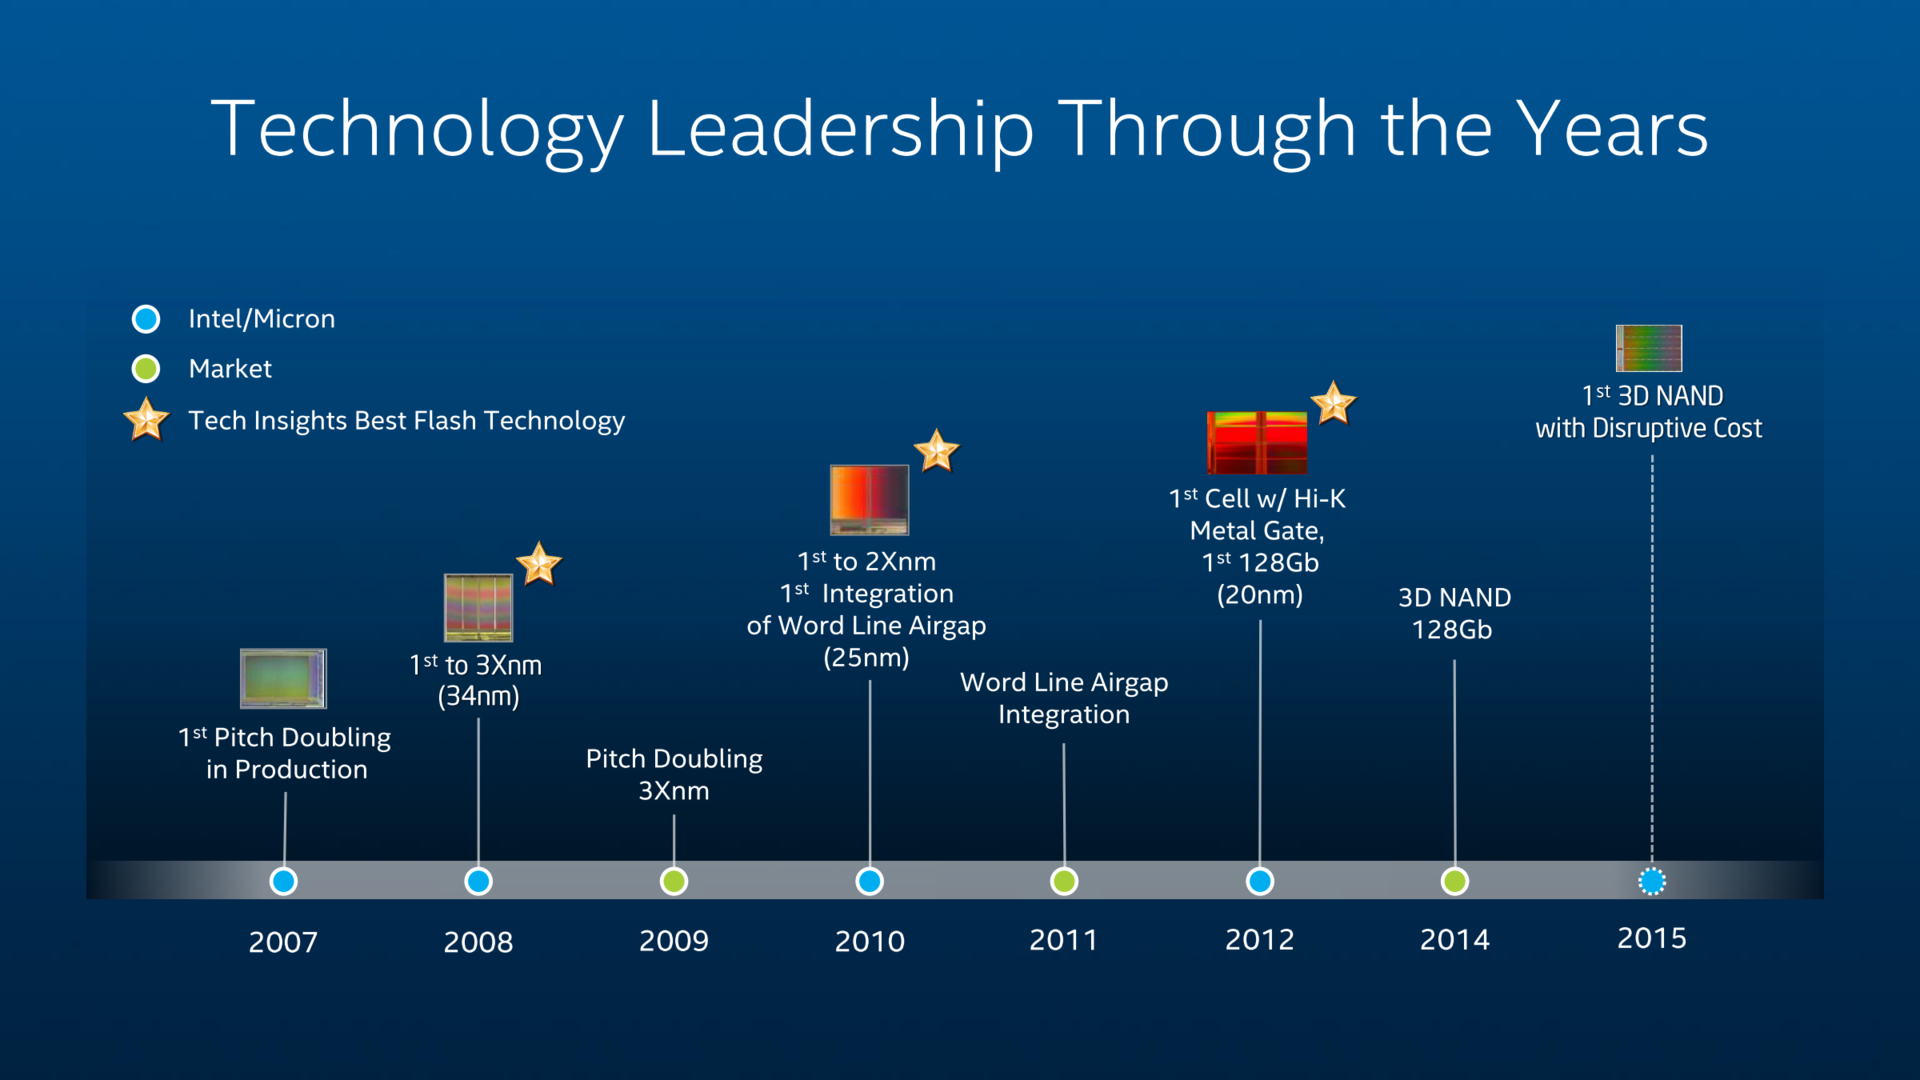 3D NAND von Intel/Micron kommt 2015